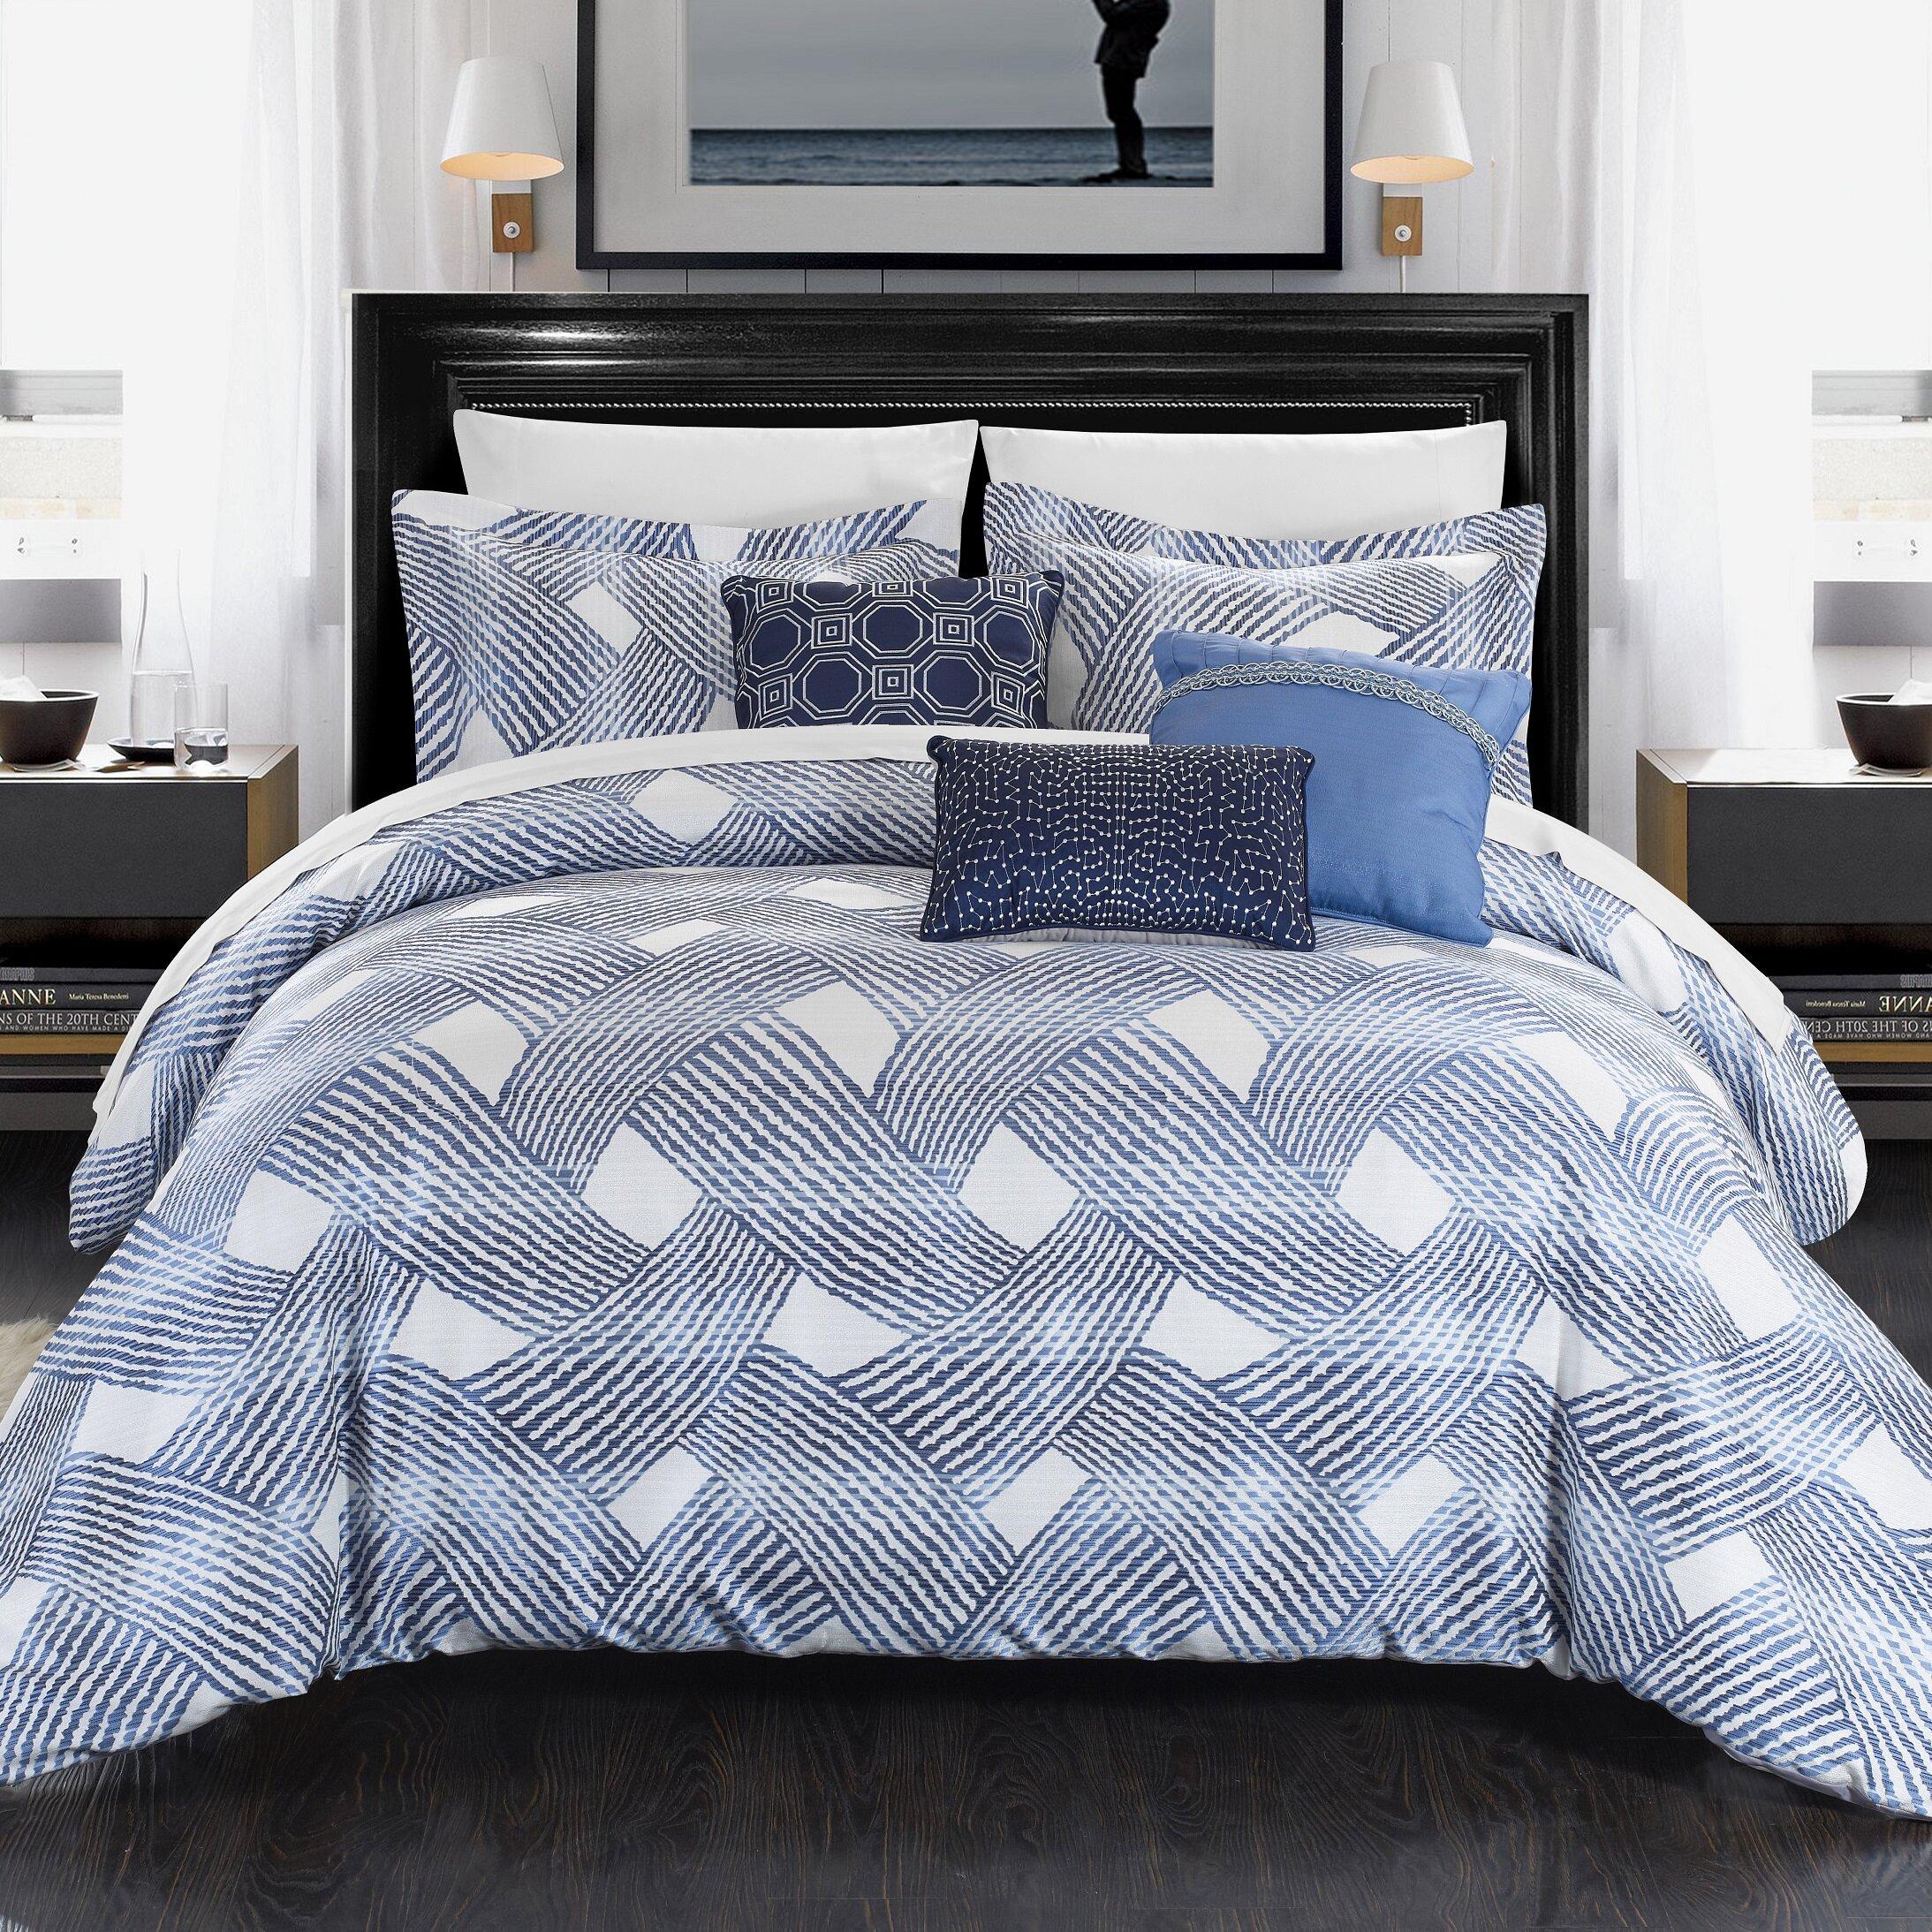 Chic Home Fiorella 10 Piece Comforter Set & Reviews